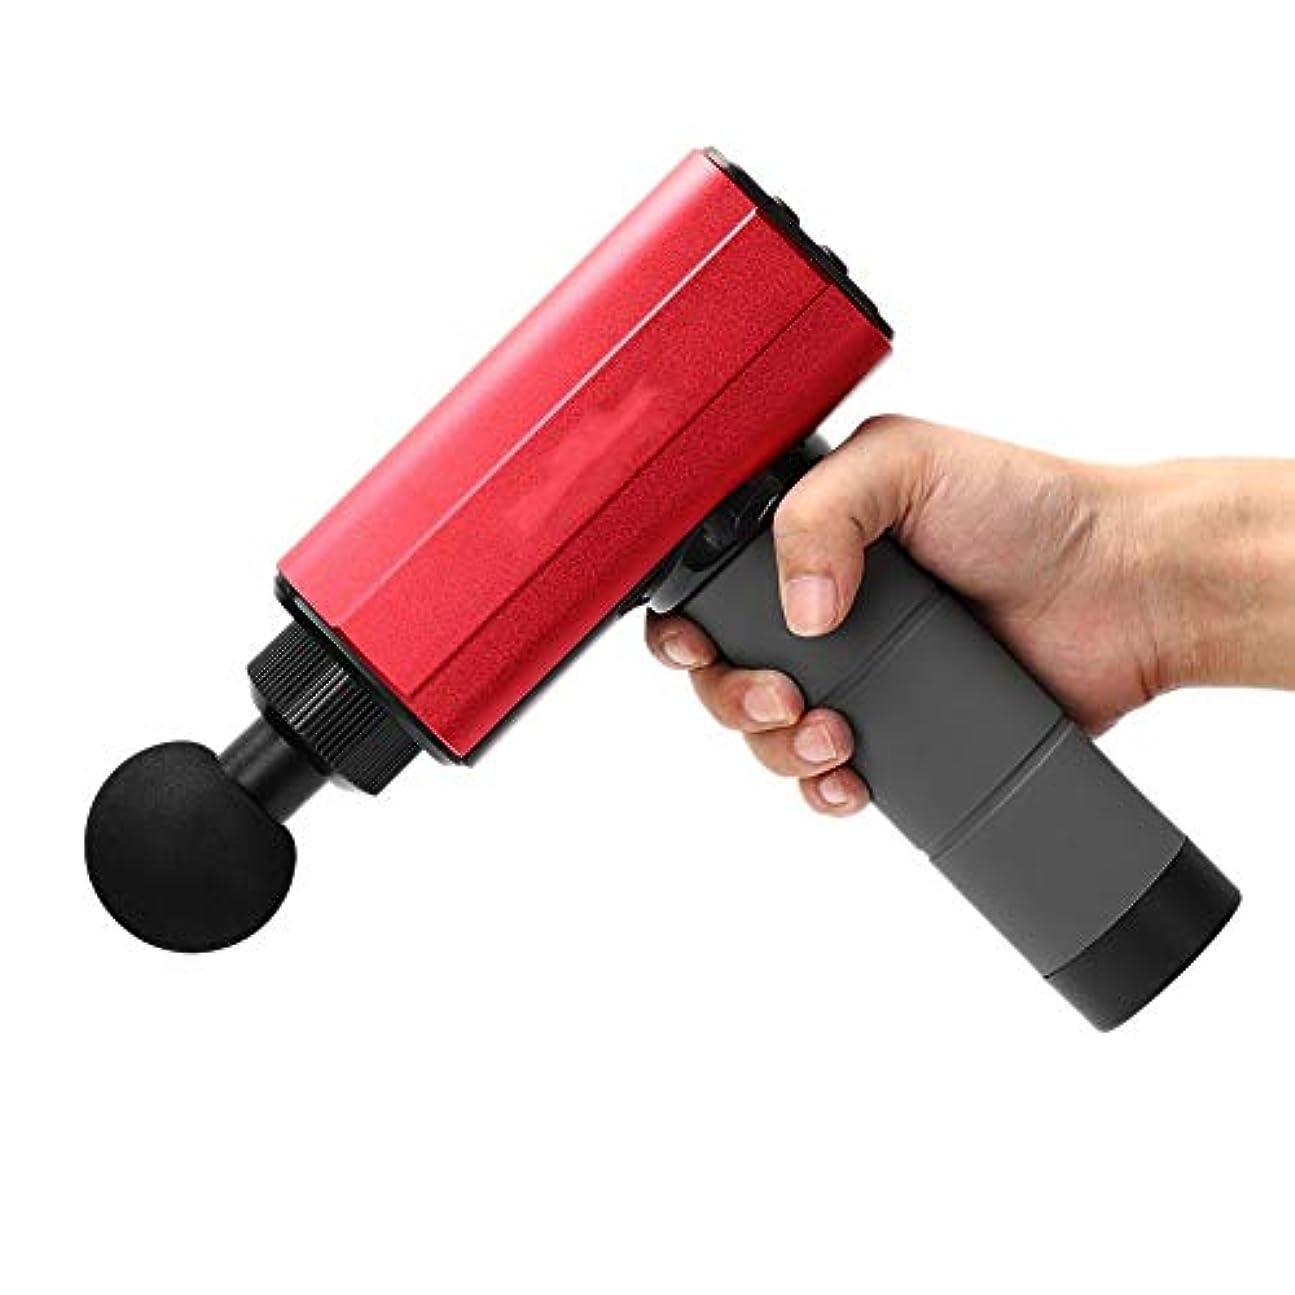 ビーズジム苦痛手持ち型の深いティッシュ筋肉マッサージャー銃の再充電可能なマッサージ装置、体の痛みのための専門のコードレスパーカッション(US Plug)